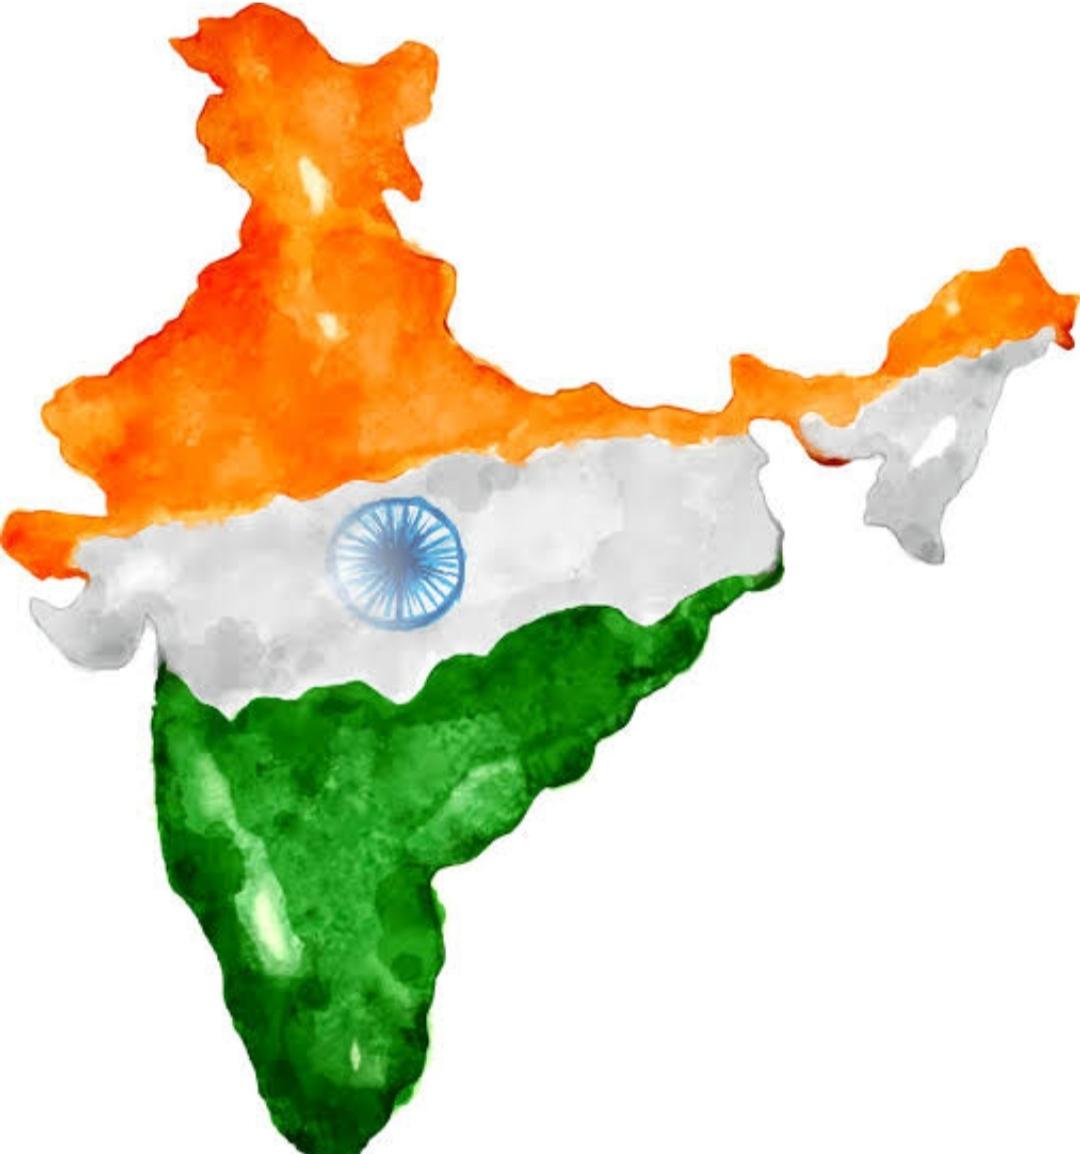 મોરબીમાં 1200થી વધુ પાકિસ્તાની હિન્દુ શરણાર્થીઓનો ભારતીય નાગરિકત્વ અપાશે|સુરેન્દ્રનગર,Surendranagar - Divya Bhaskar